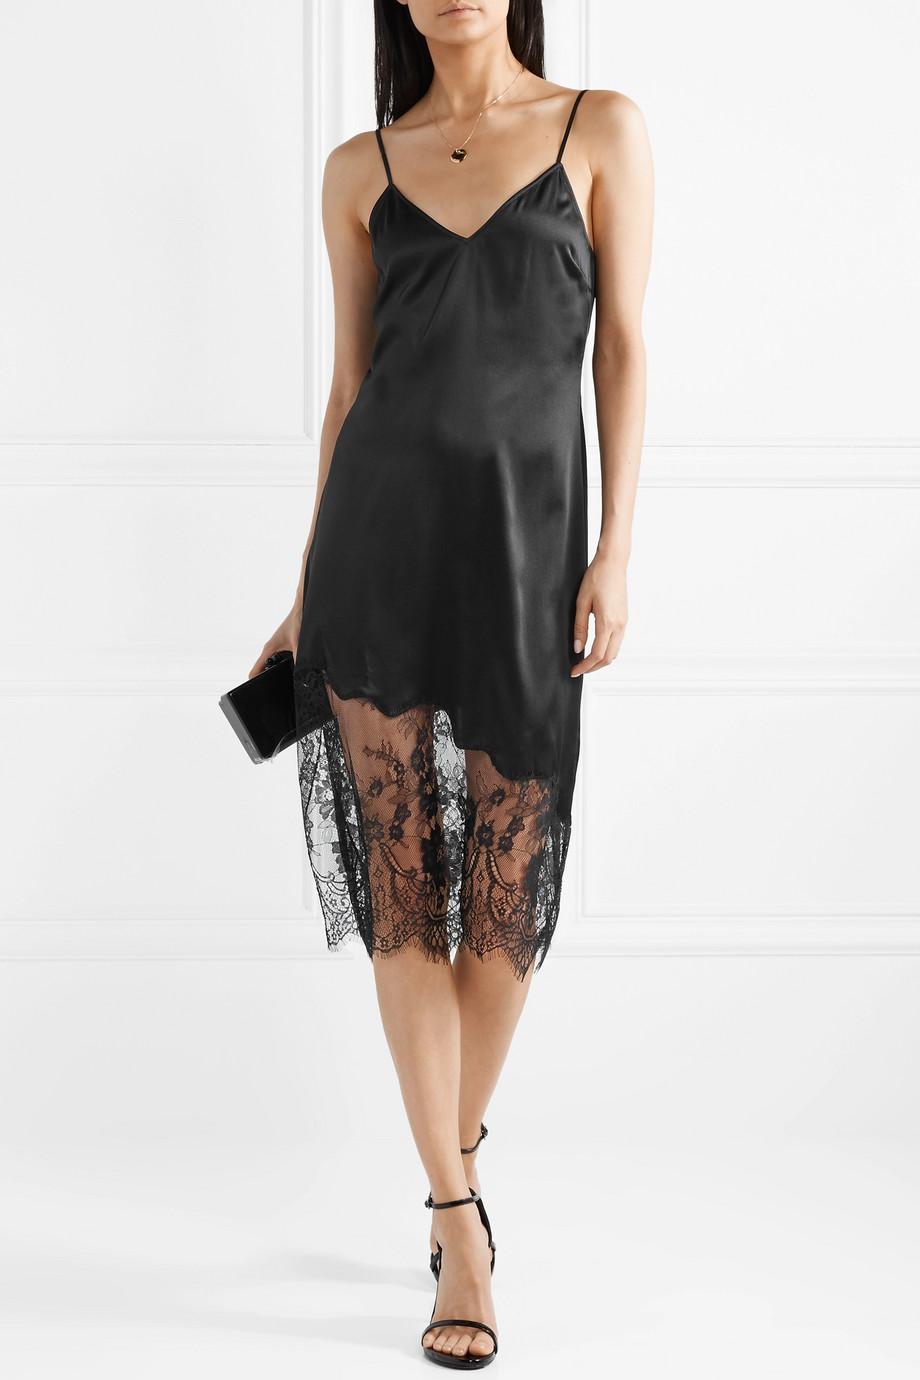 081026298de Полностью кружевное платье могут себе позволить стройные модницы. Остальным  женщинам стоит подумать об отделке из кружева ...